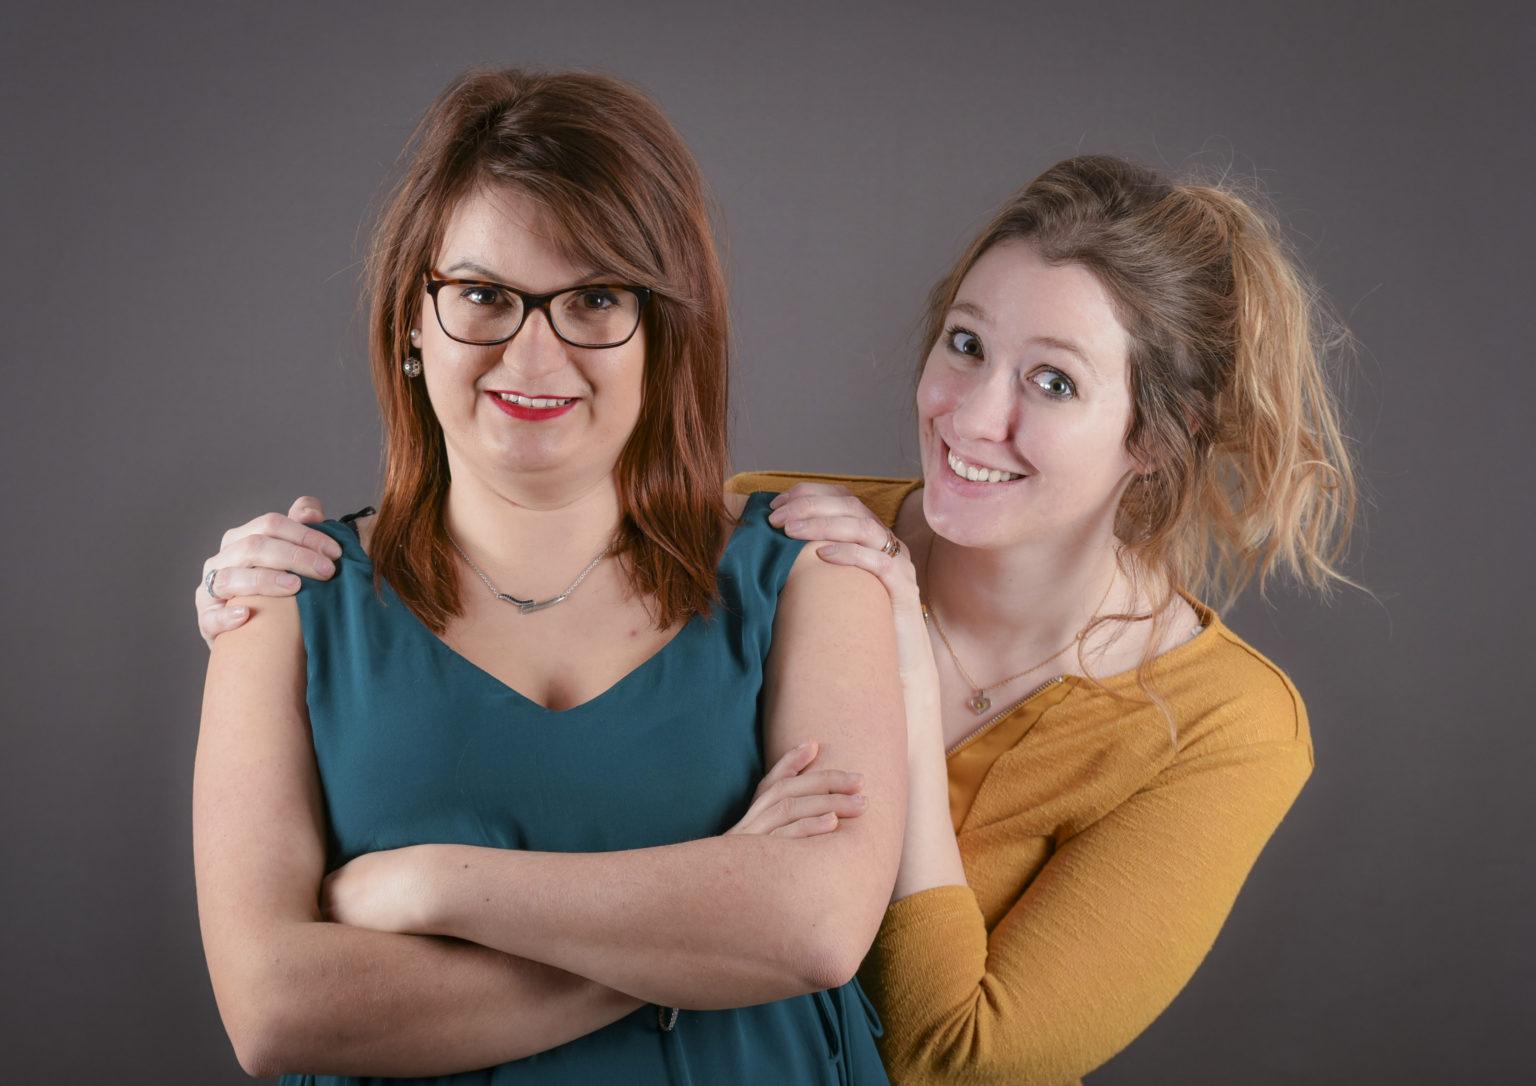 Julie Mollet & Amélie Morin - Chef de projet et Graphiste - équipe de l'agence de communication Haticom